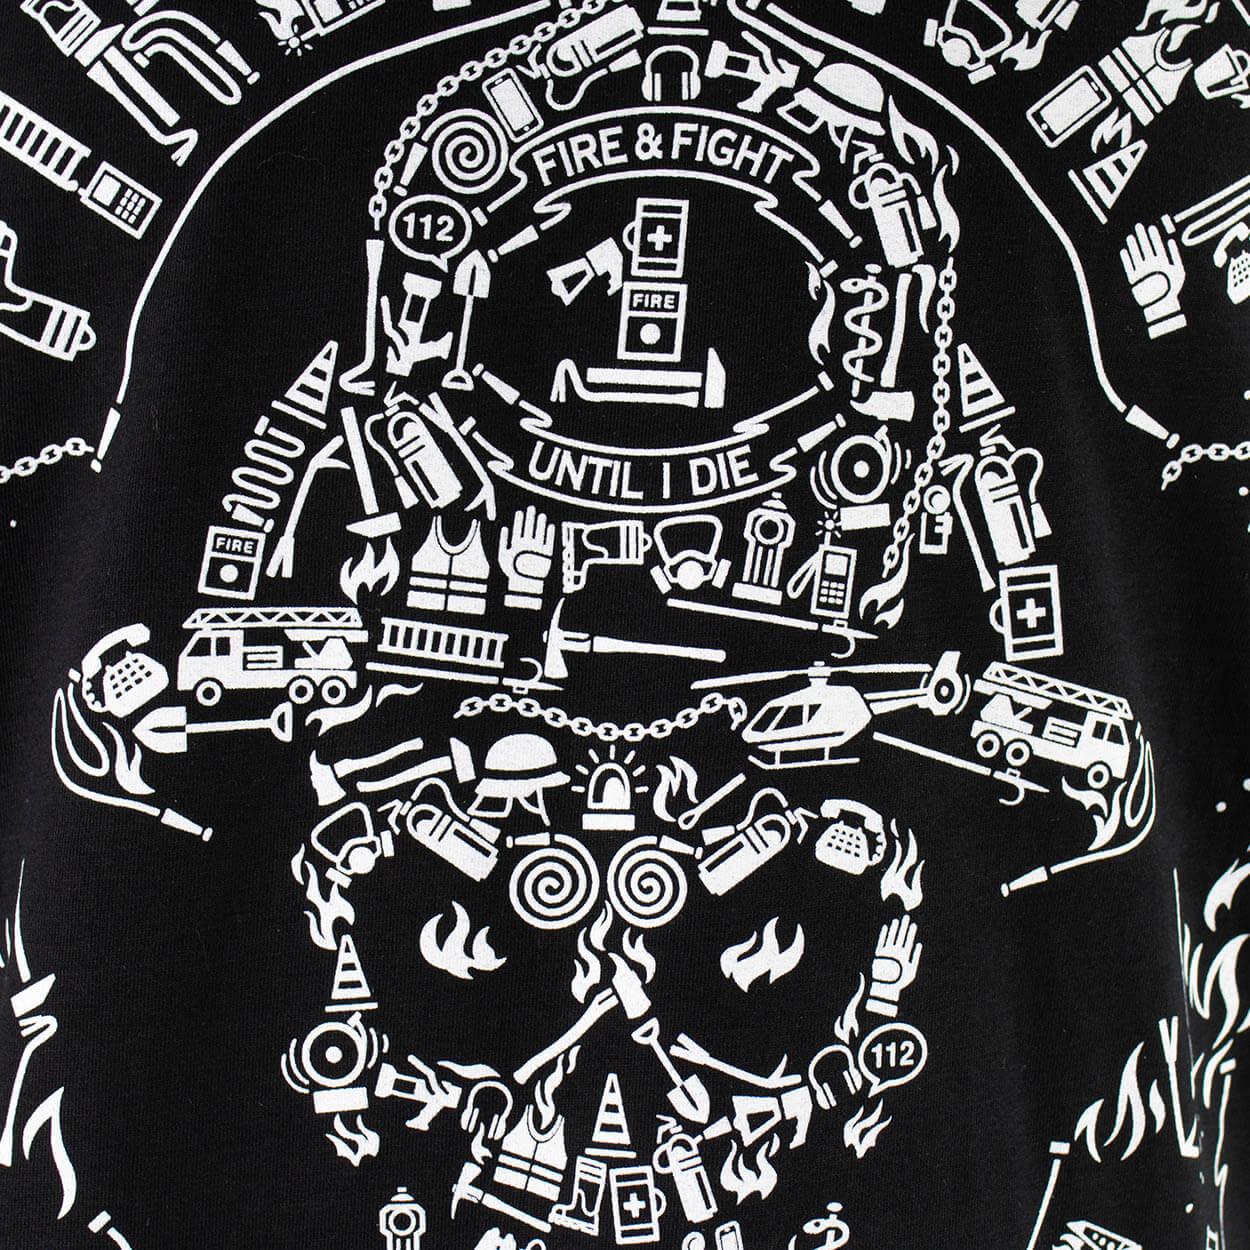 Fire Smoke & Rock´n Roll - T-Shirt Woman 2021